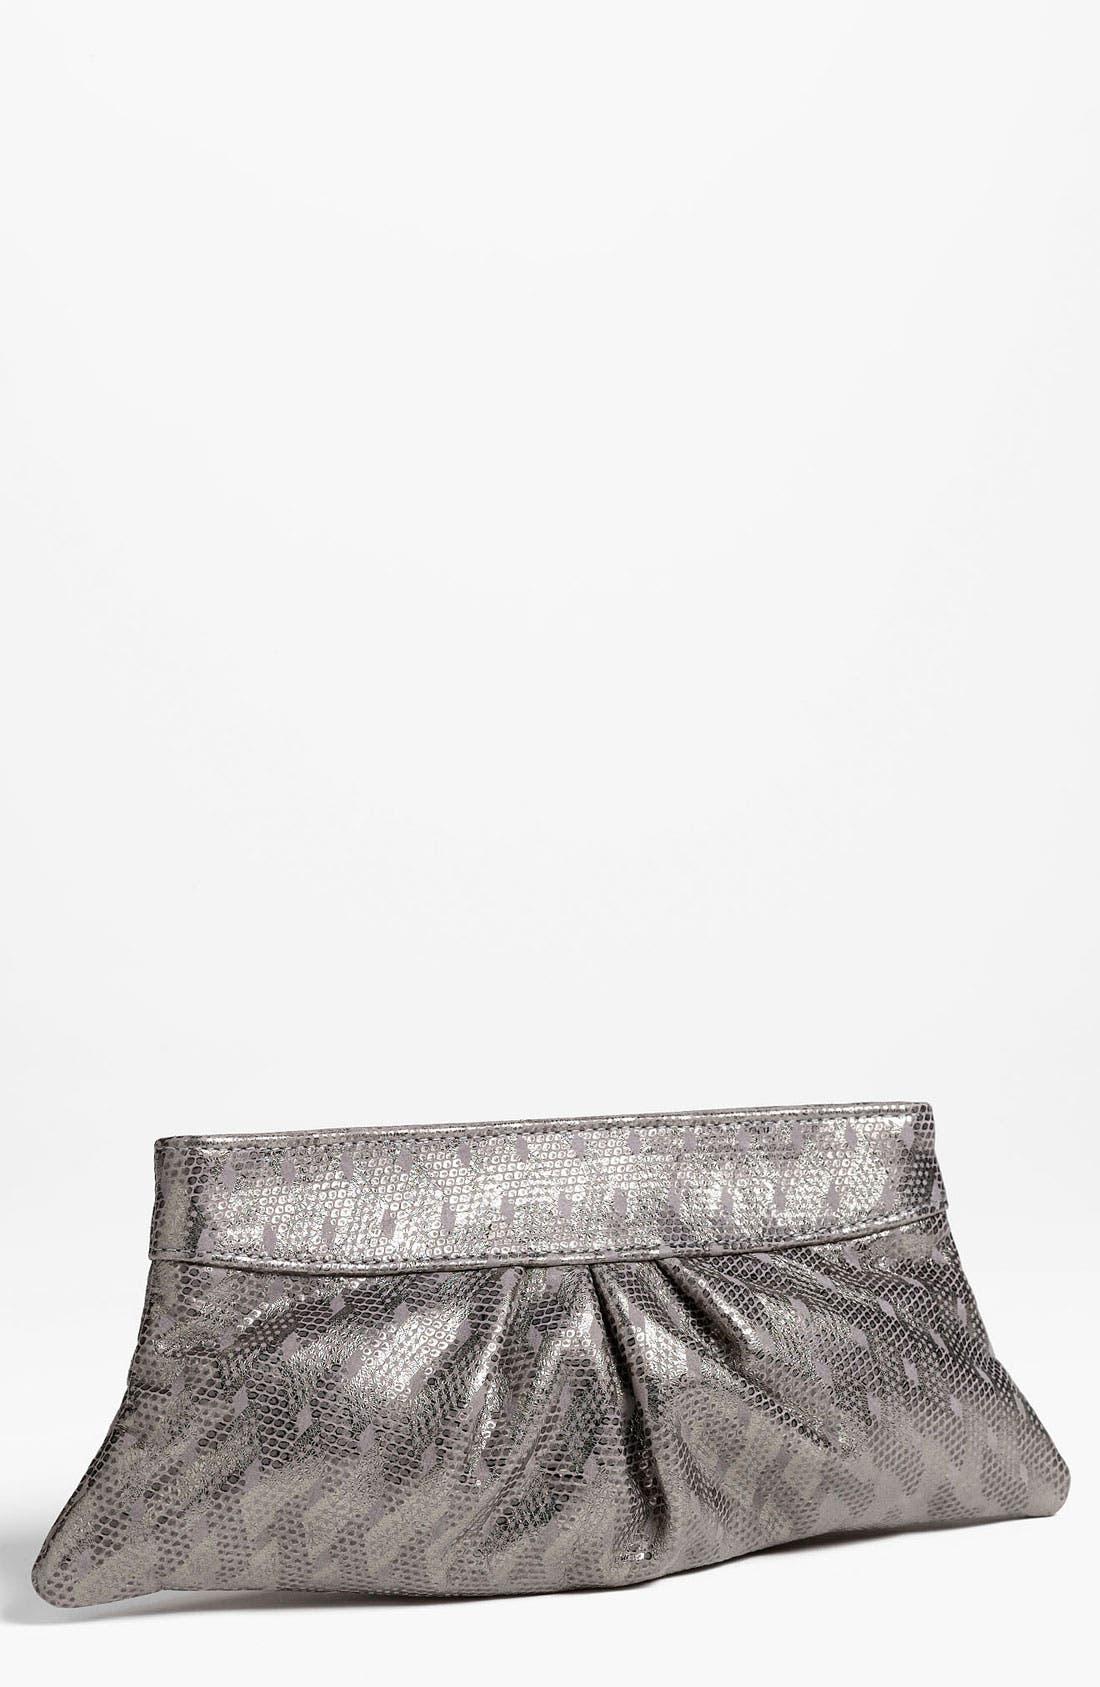 Main Image - Lauren Merkin 'Eve' Embossed Metallic Clutch